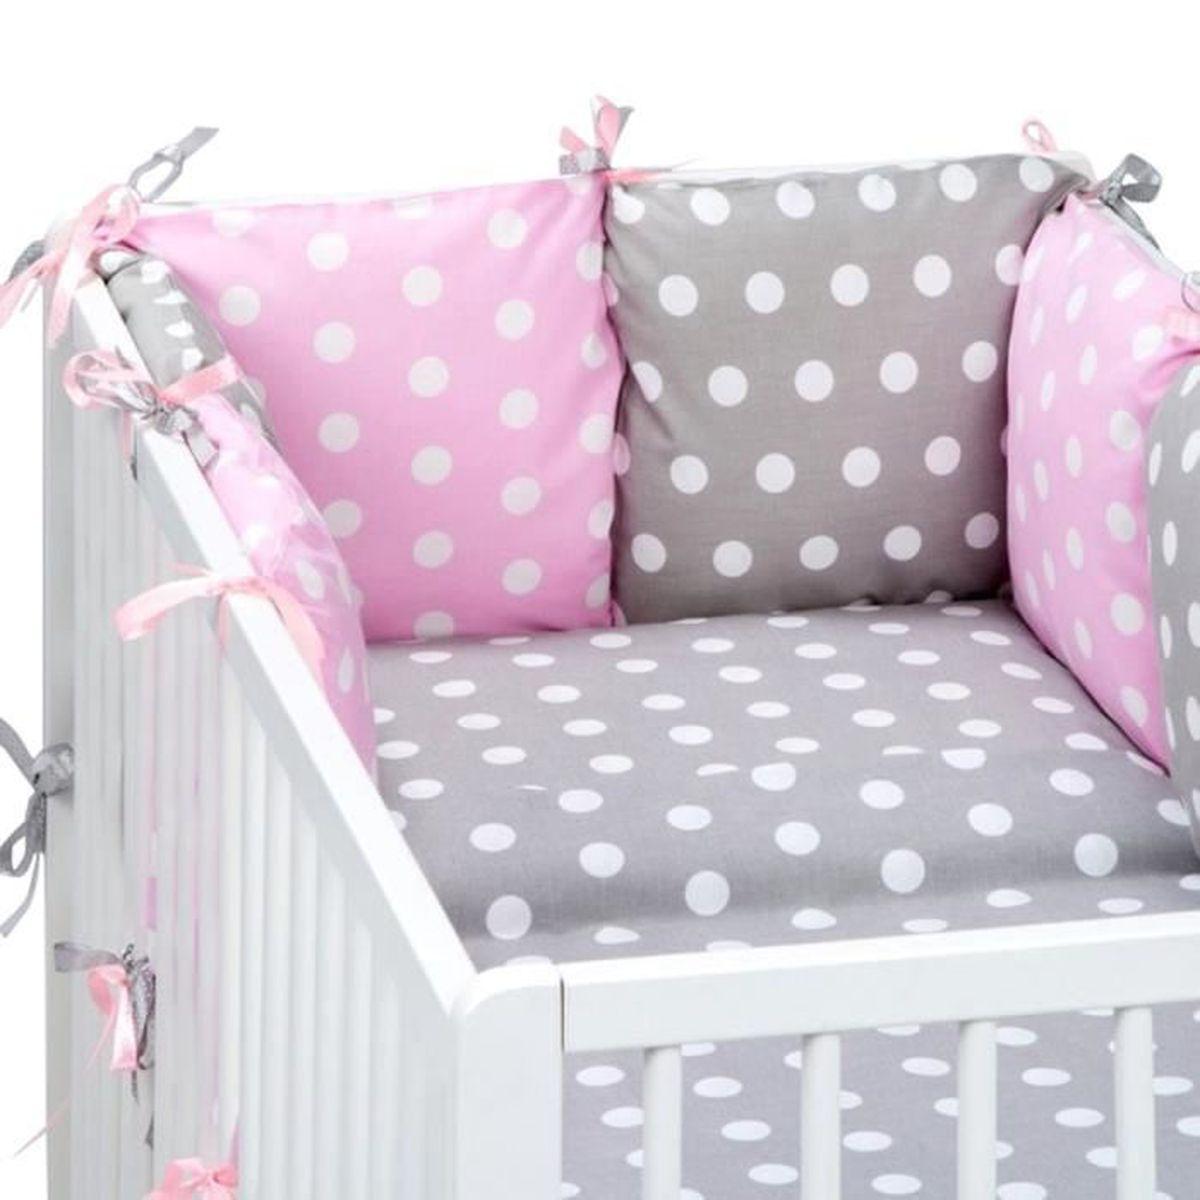 set lit b b tour de lit couette housses gris 70x140 cm. Black Bedroom Furniture Sets. Home Design Ideas